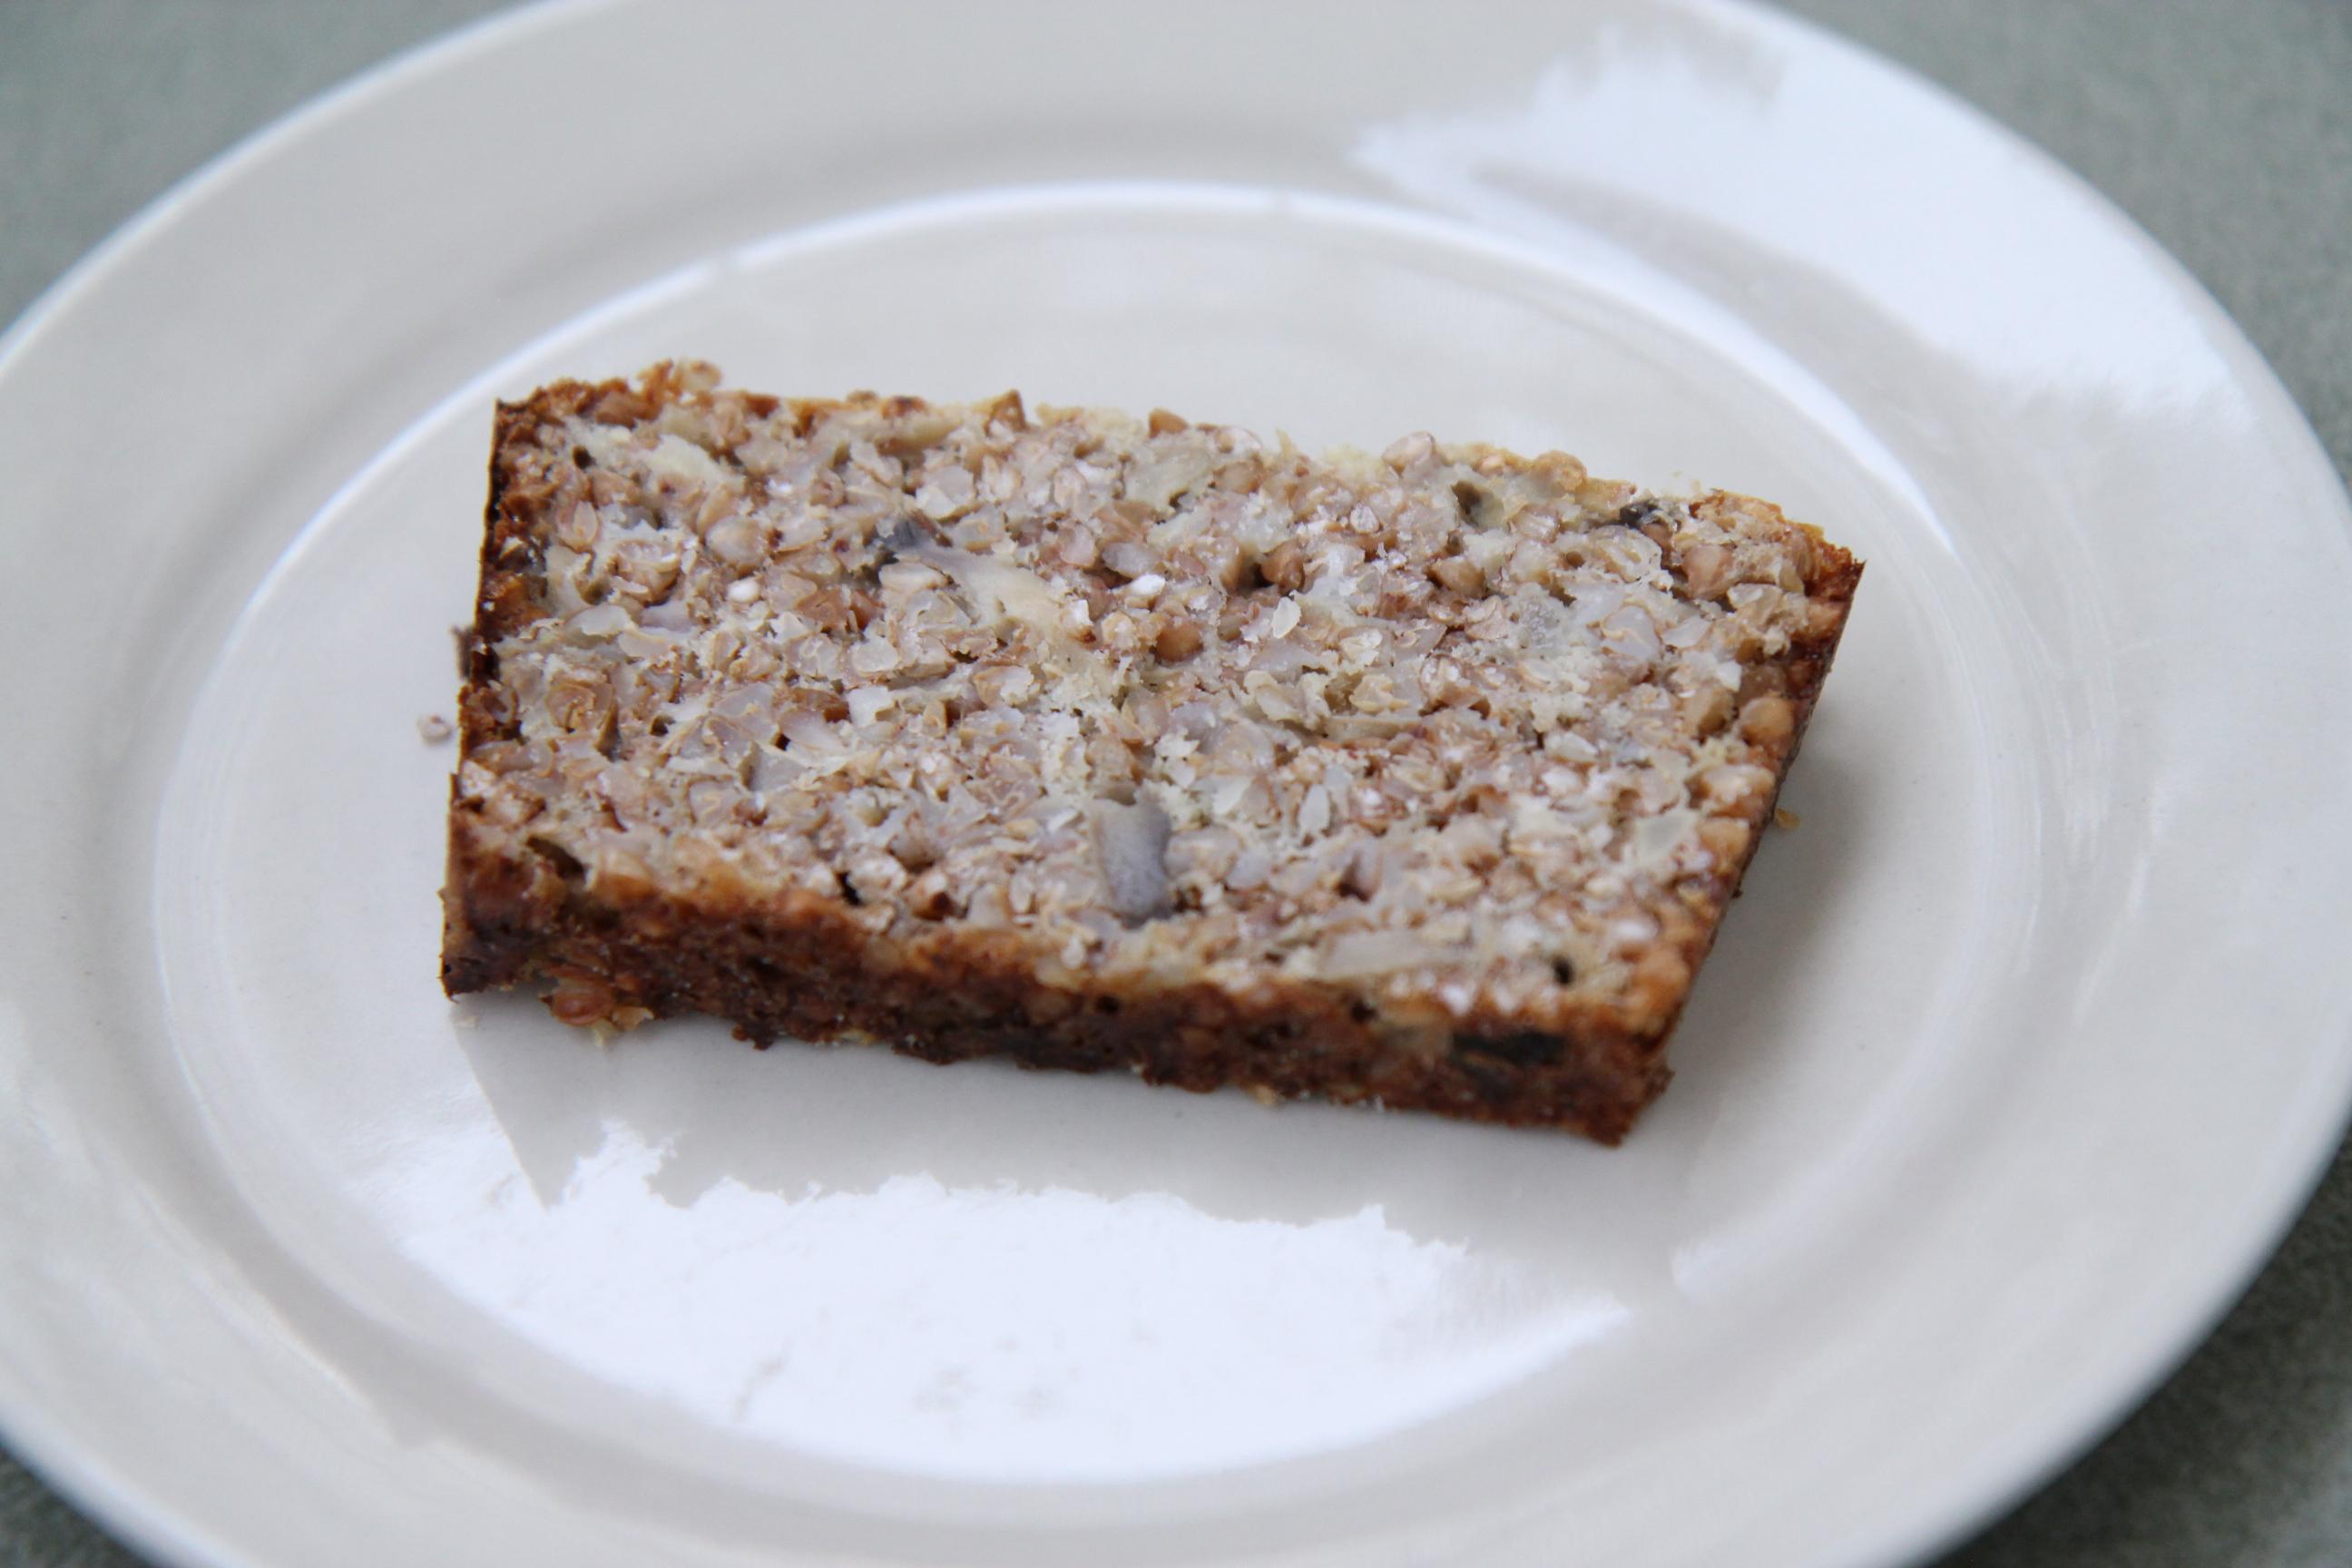 PIRÓG BIŁGORAJSKI bezglutenowy i zamiast chleba